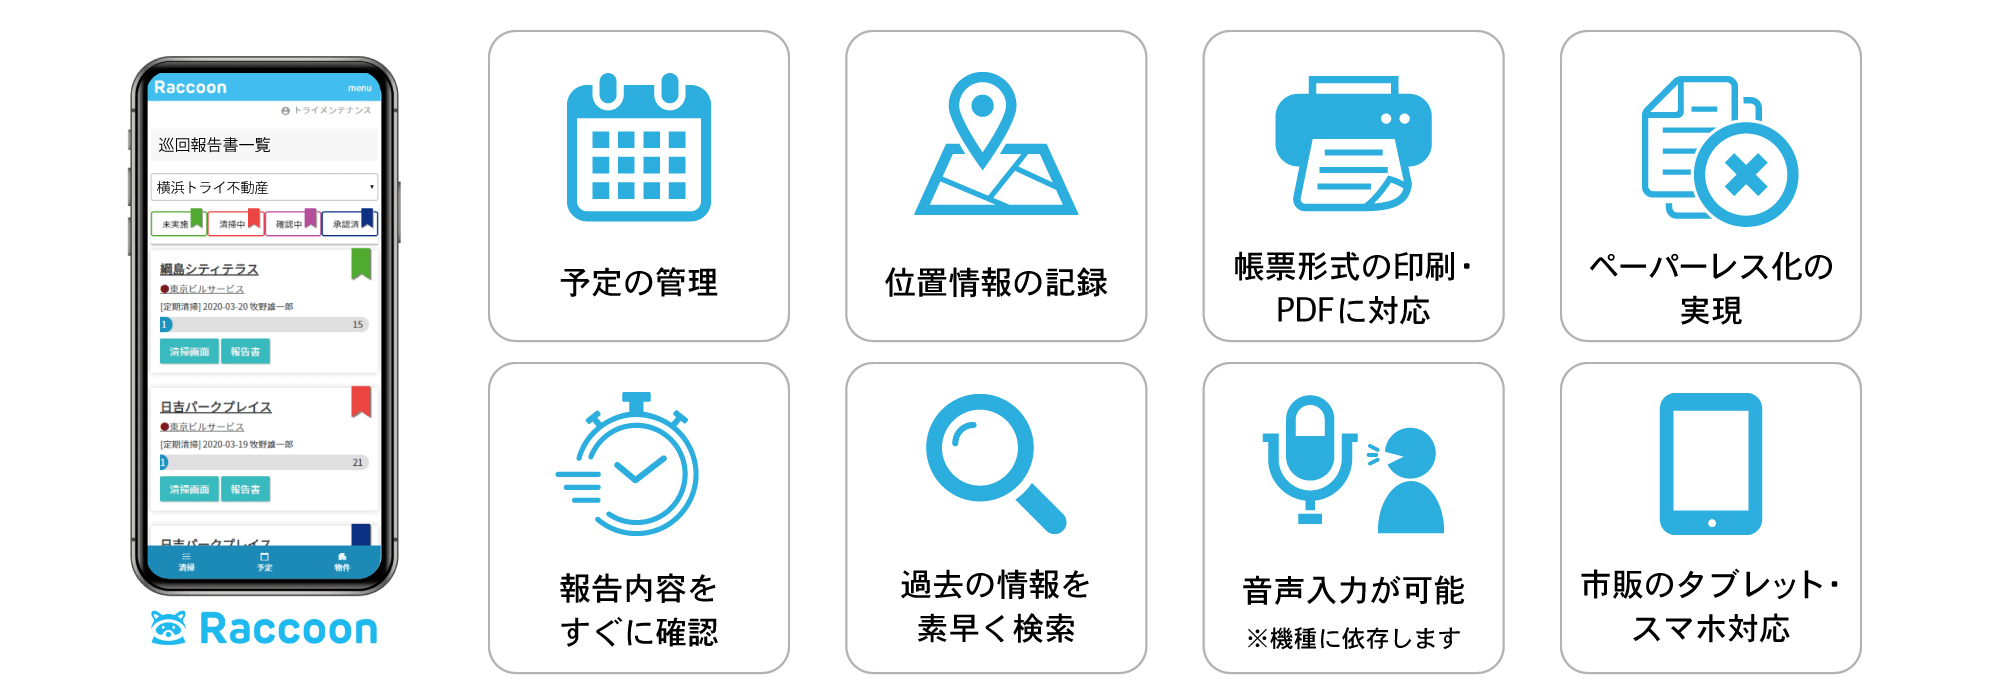 ラクーンの便利で多彩な機能が、あなたの報告業務をサポートします!